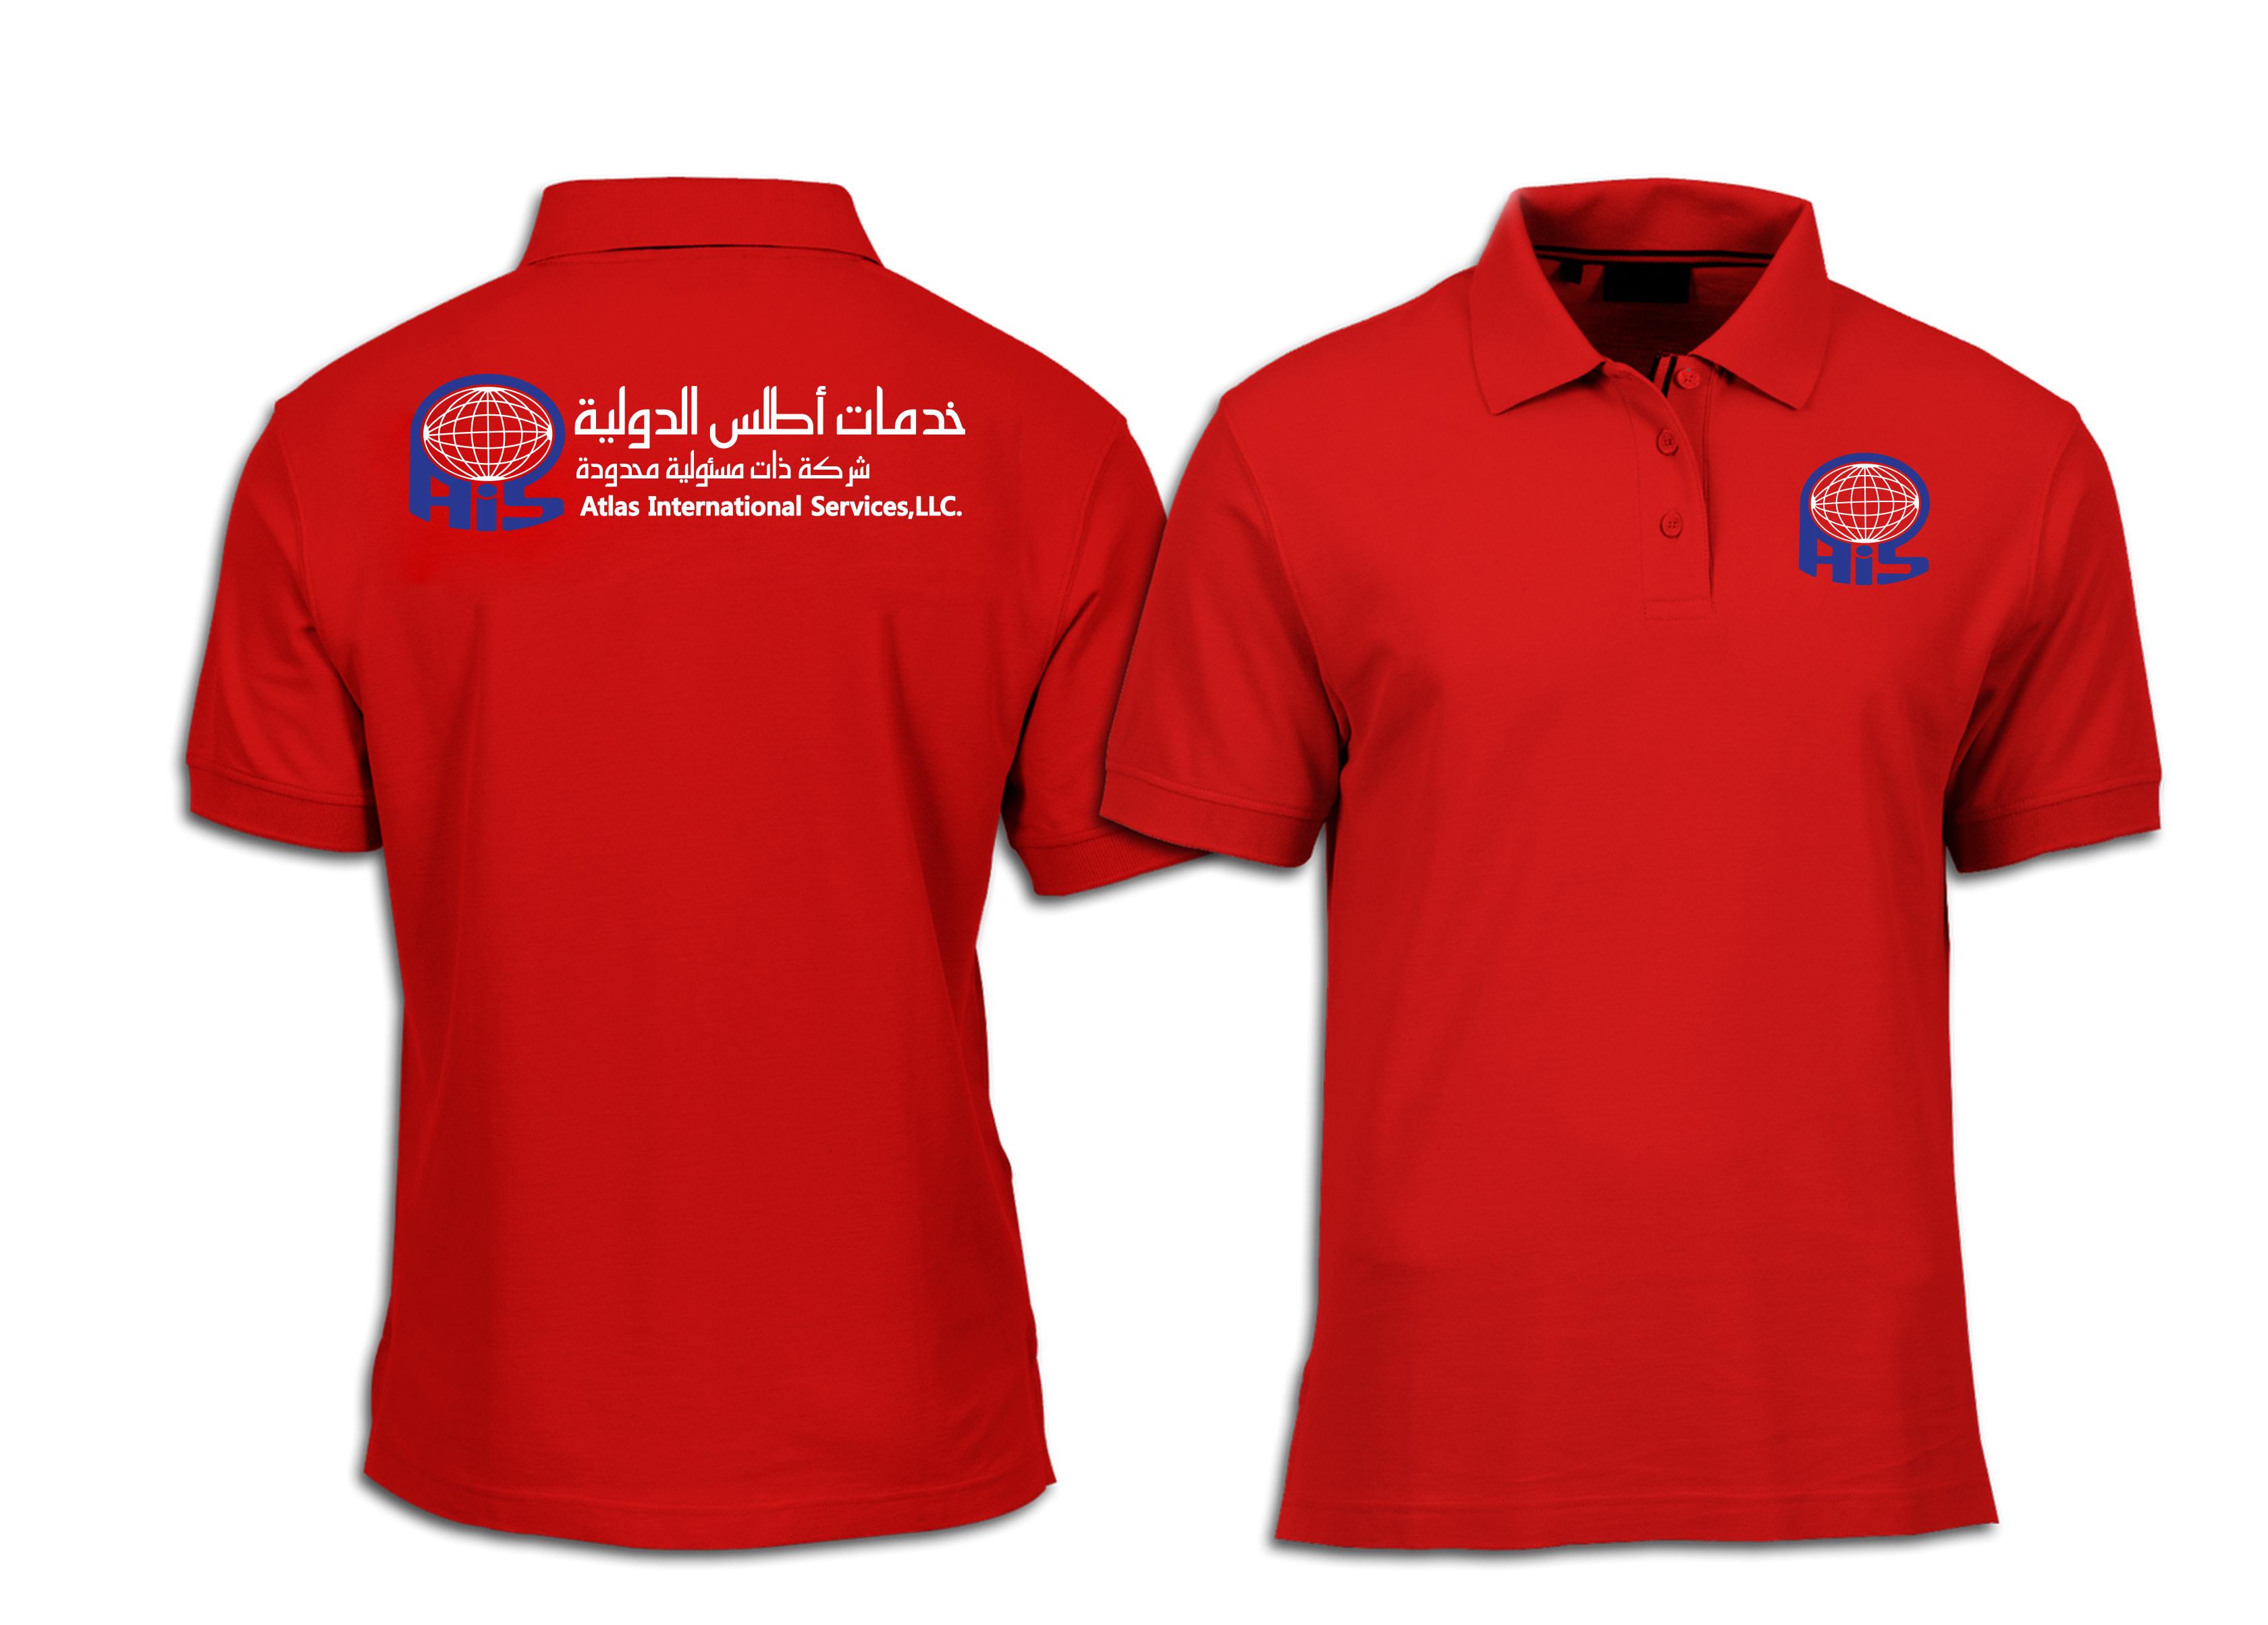 تصميم قمصان مخصصة